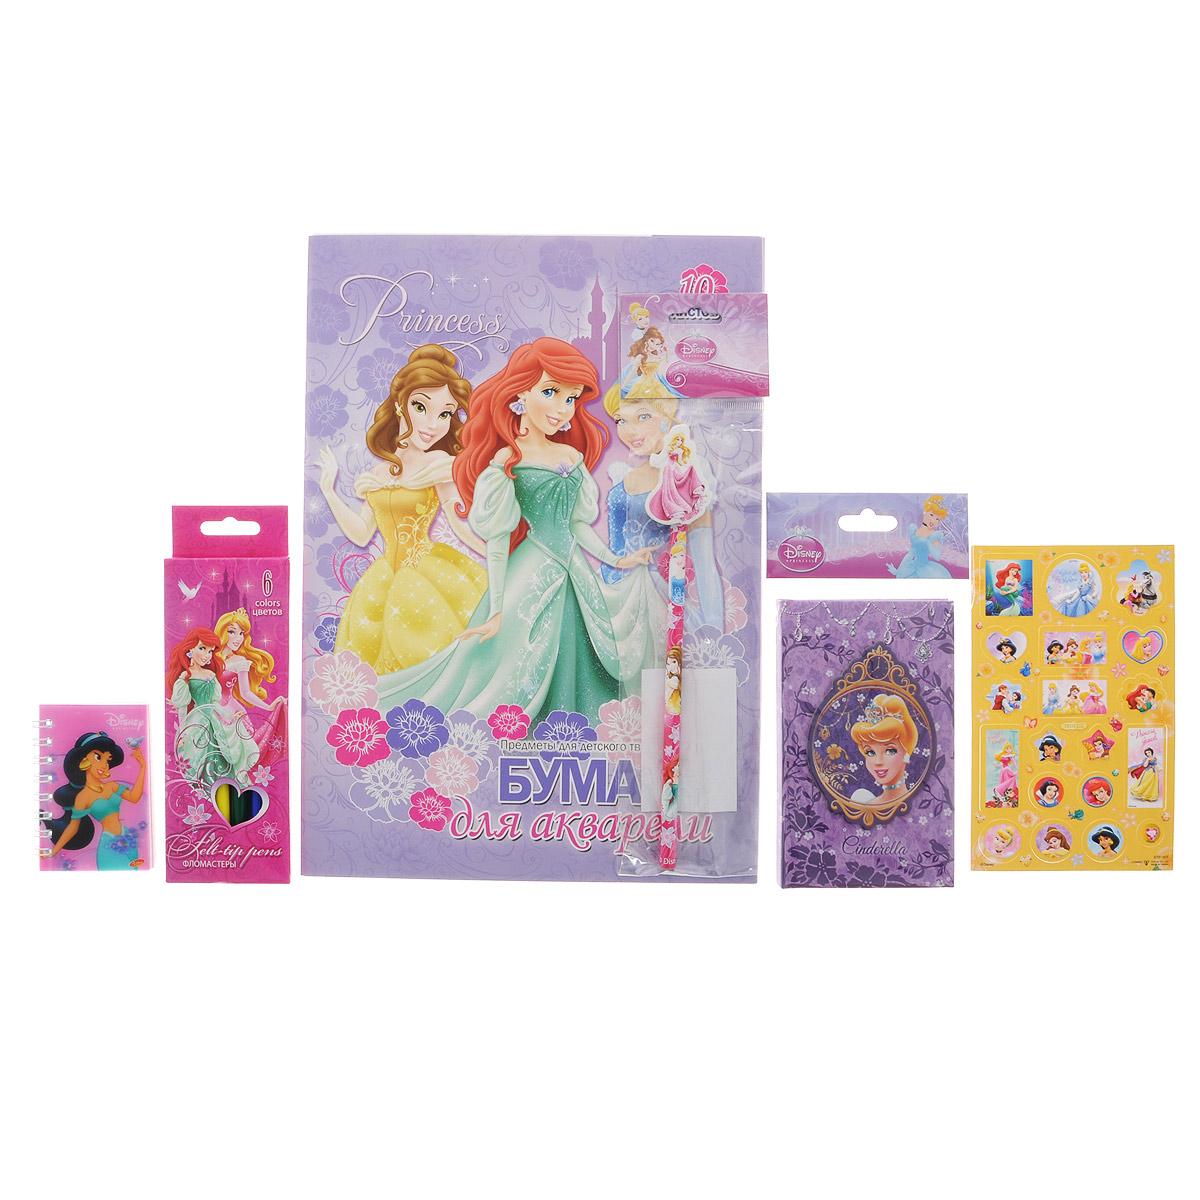 Канцелярский набор Disney Princess. PRСZ-US1-AZ15-PVCPRСZ-US1-AZ15-PVCКанцелярский набор Disney Princess станет незаменимым атрибутом в учебе любой школьницы. Он включает в себя 10 листов бумаги для акварели, чернографитный карандаш с ластиком, 6 фломастеров, телефонную книжку, лист с объемными стикерами и небольшой блокнотик на спирали. Все предметы набора оформлены изображениями диснеевских принцесс. УВАЖАЕМЫЕ КЛИЕНТЫ! Обращаем ваше внимание на возможные изменения в дизайне предметов набора, связанные с ассортиментом продукции. Поставка осуществляется в зависимости от наличия на складе.